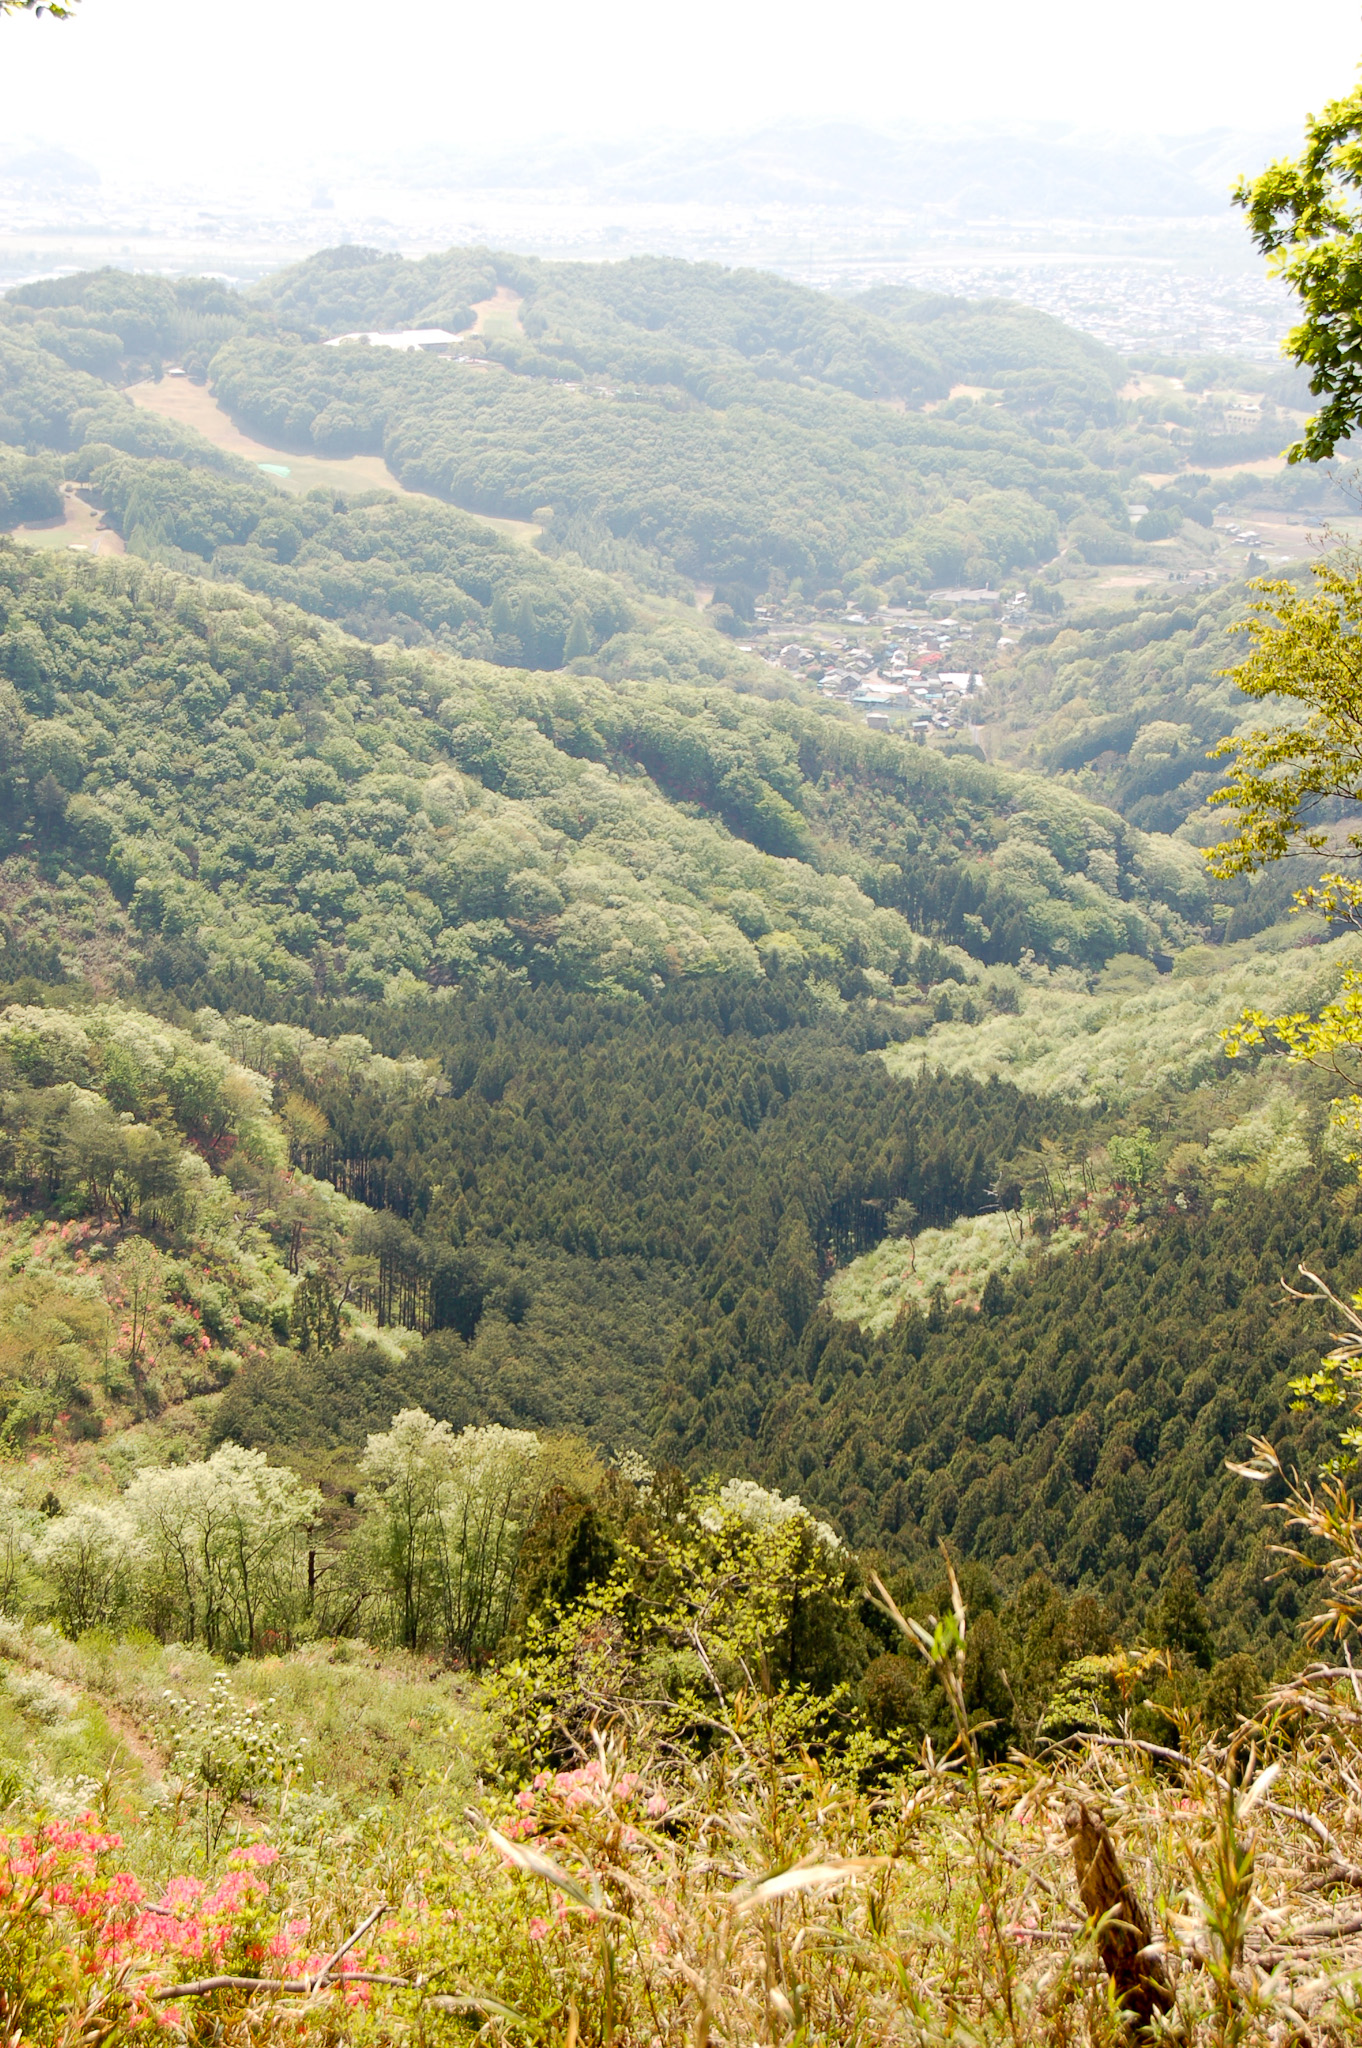 Japan's Ashikaga range